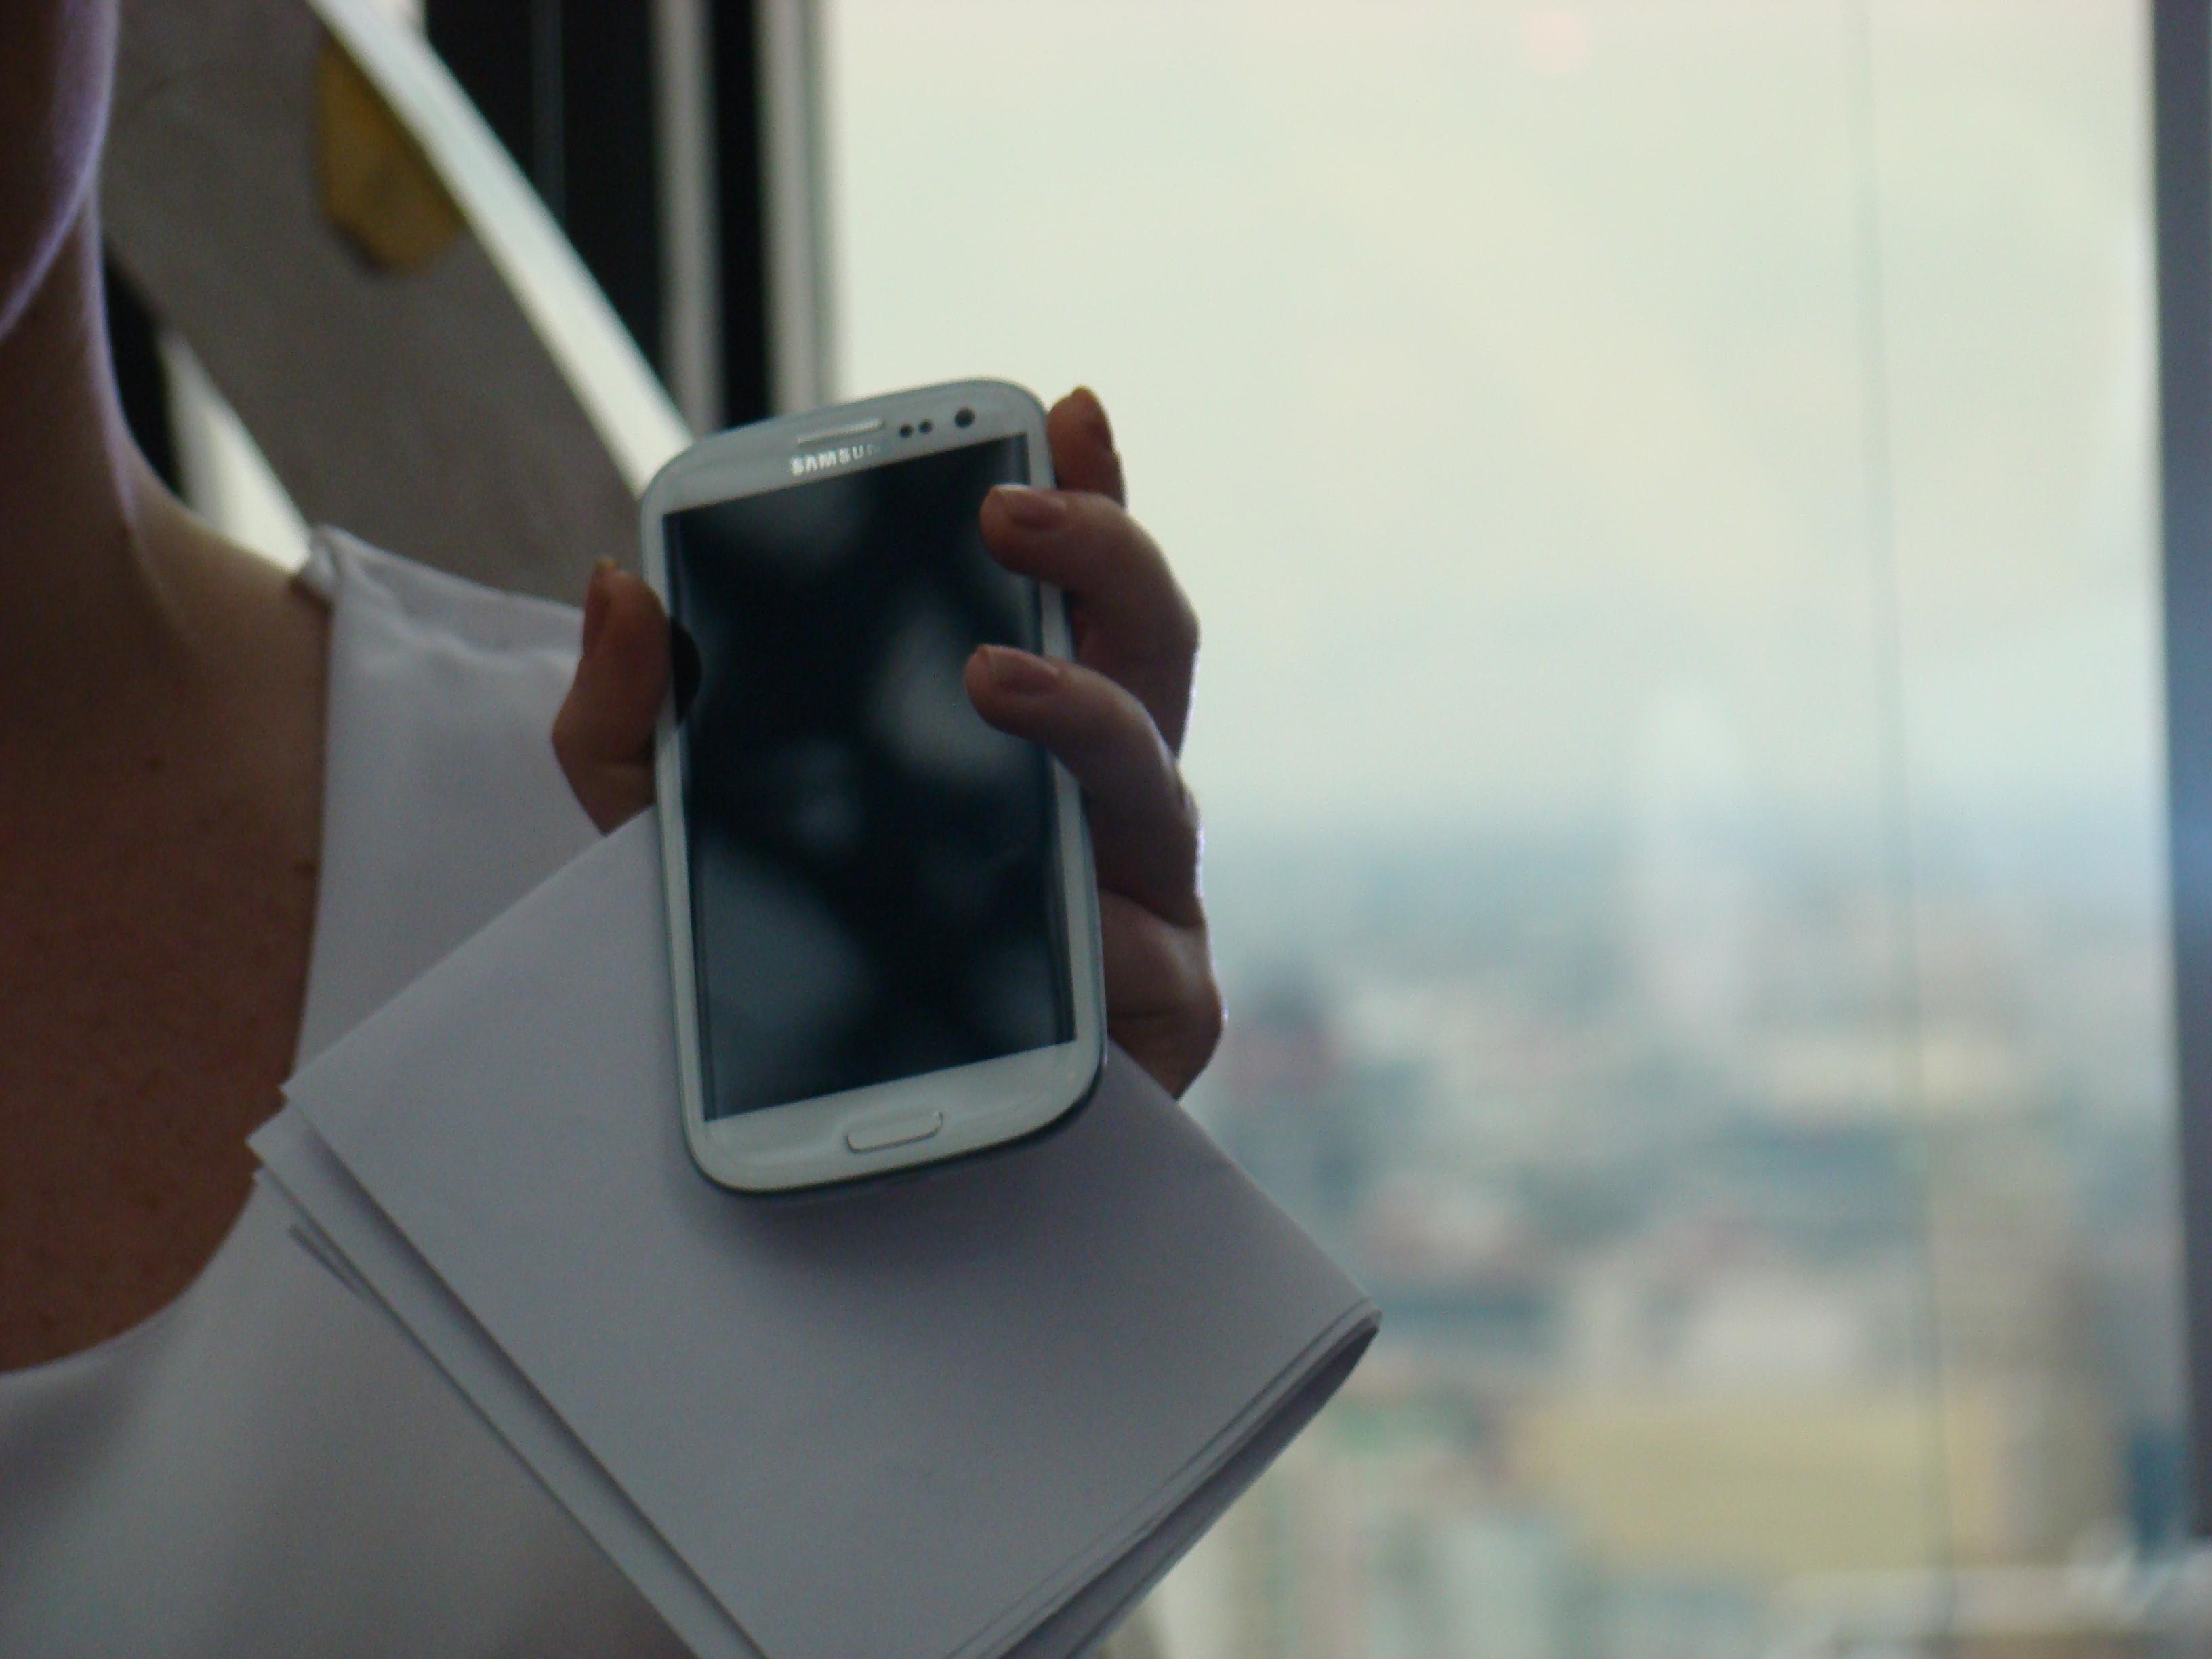 Samsung Galaxy S III  55